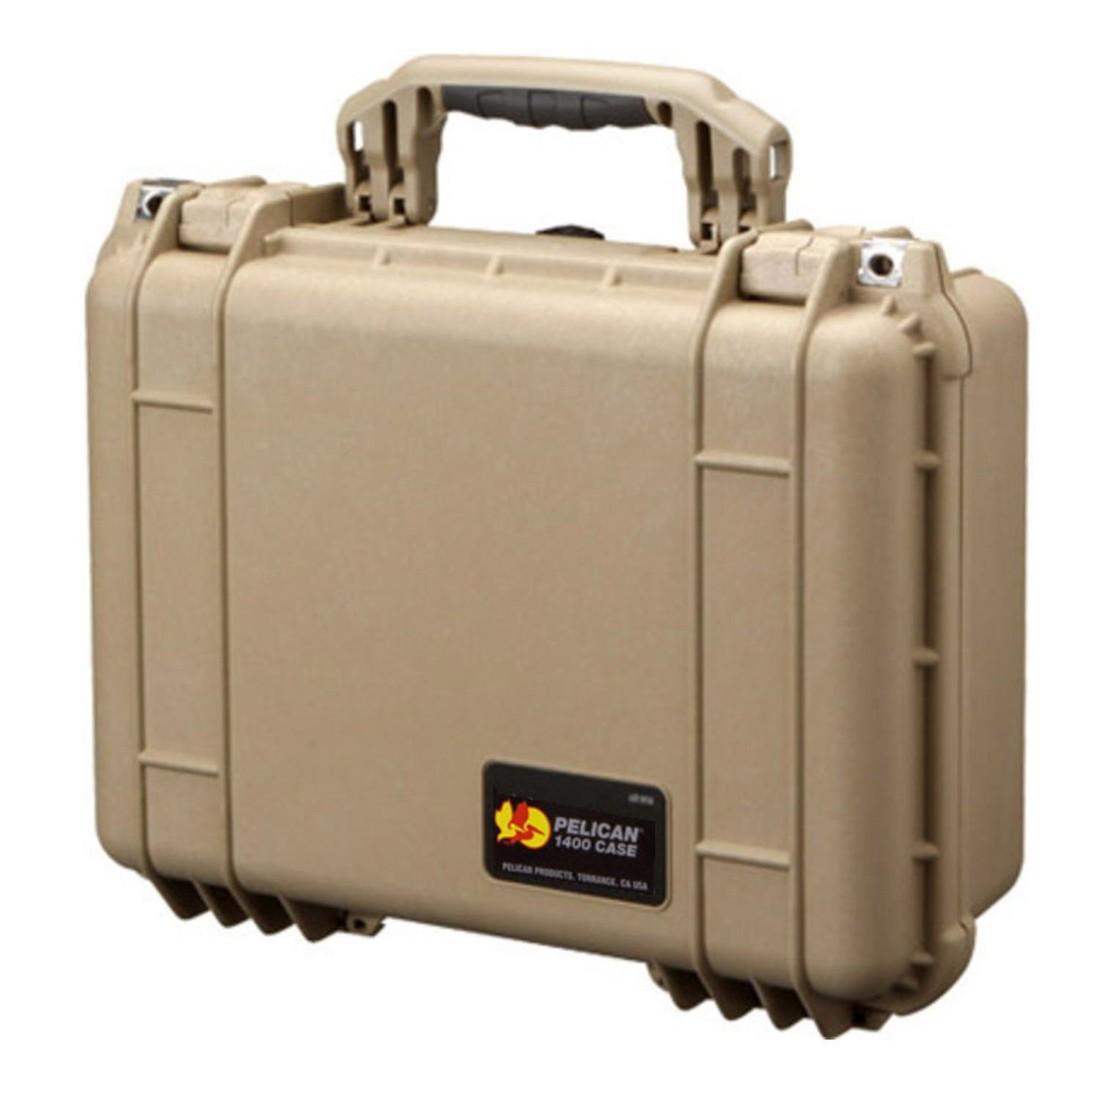 ペリカン 1500フォーム 防水ケース フォーム付  自社在庫品